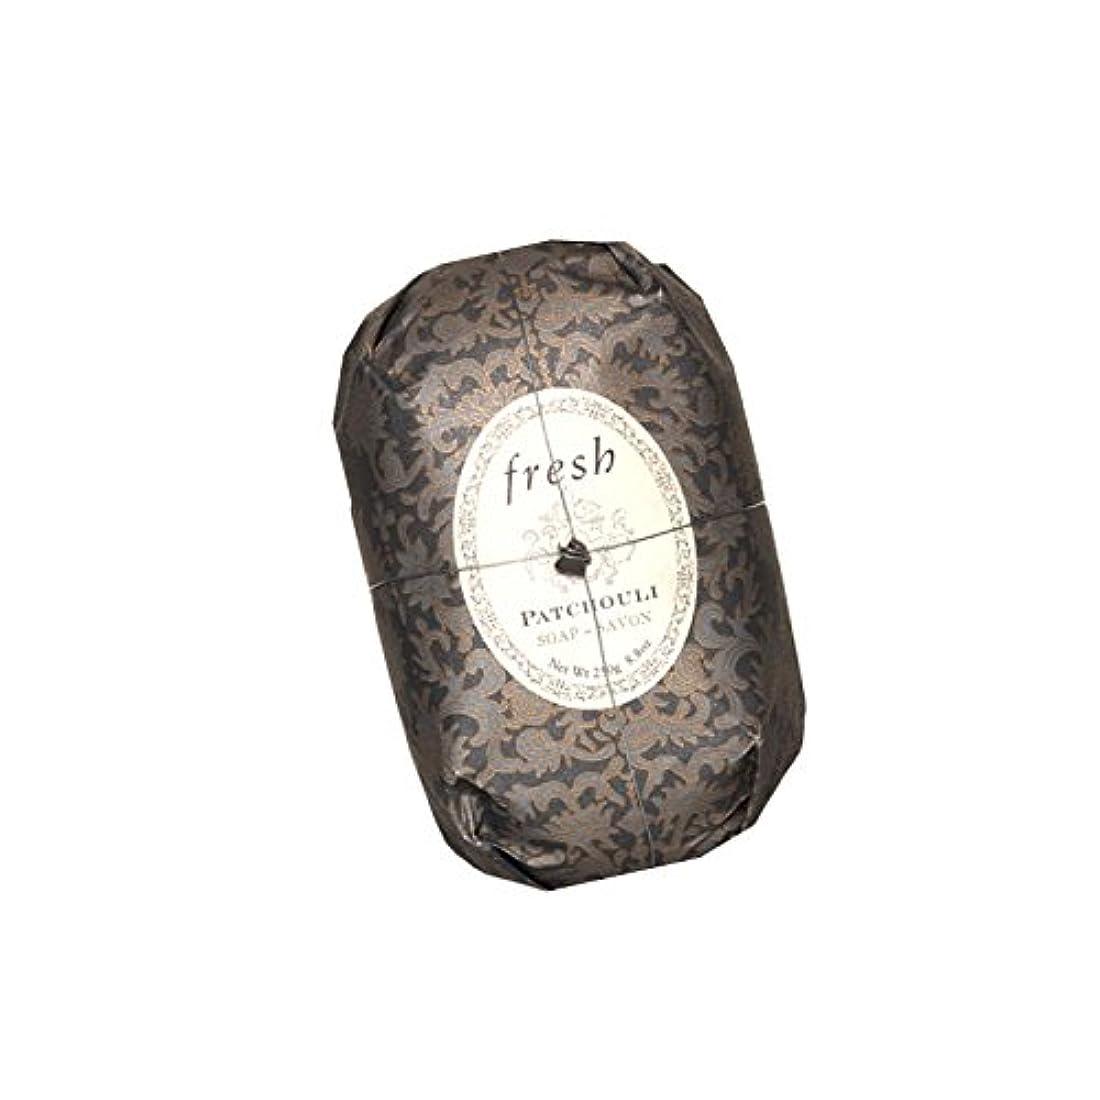 思われるペルメルファッションFresh フレッシュ Patchouli Soap 石鹸, 250g/8.8oz. [海外直送品] [並行輸入品]